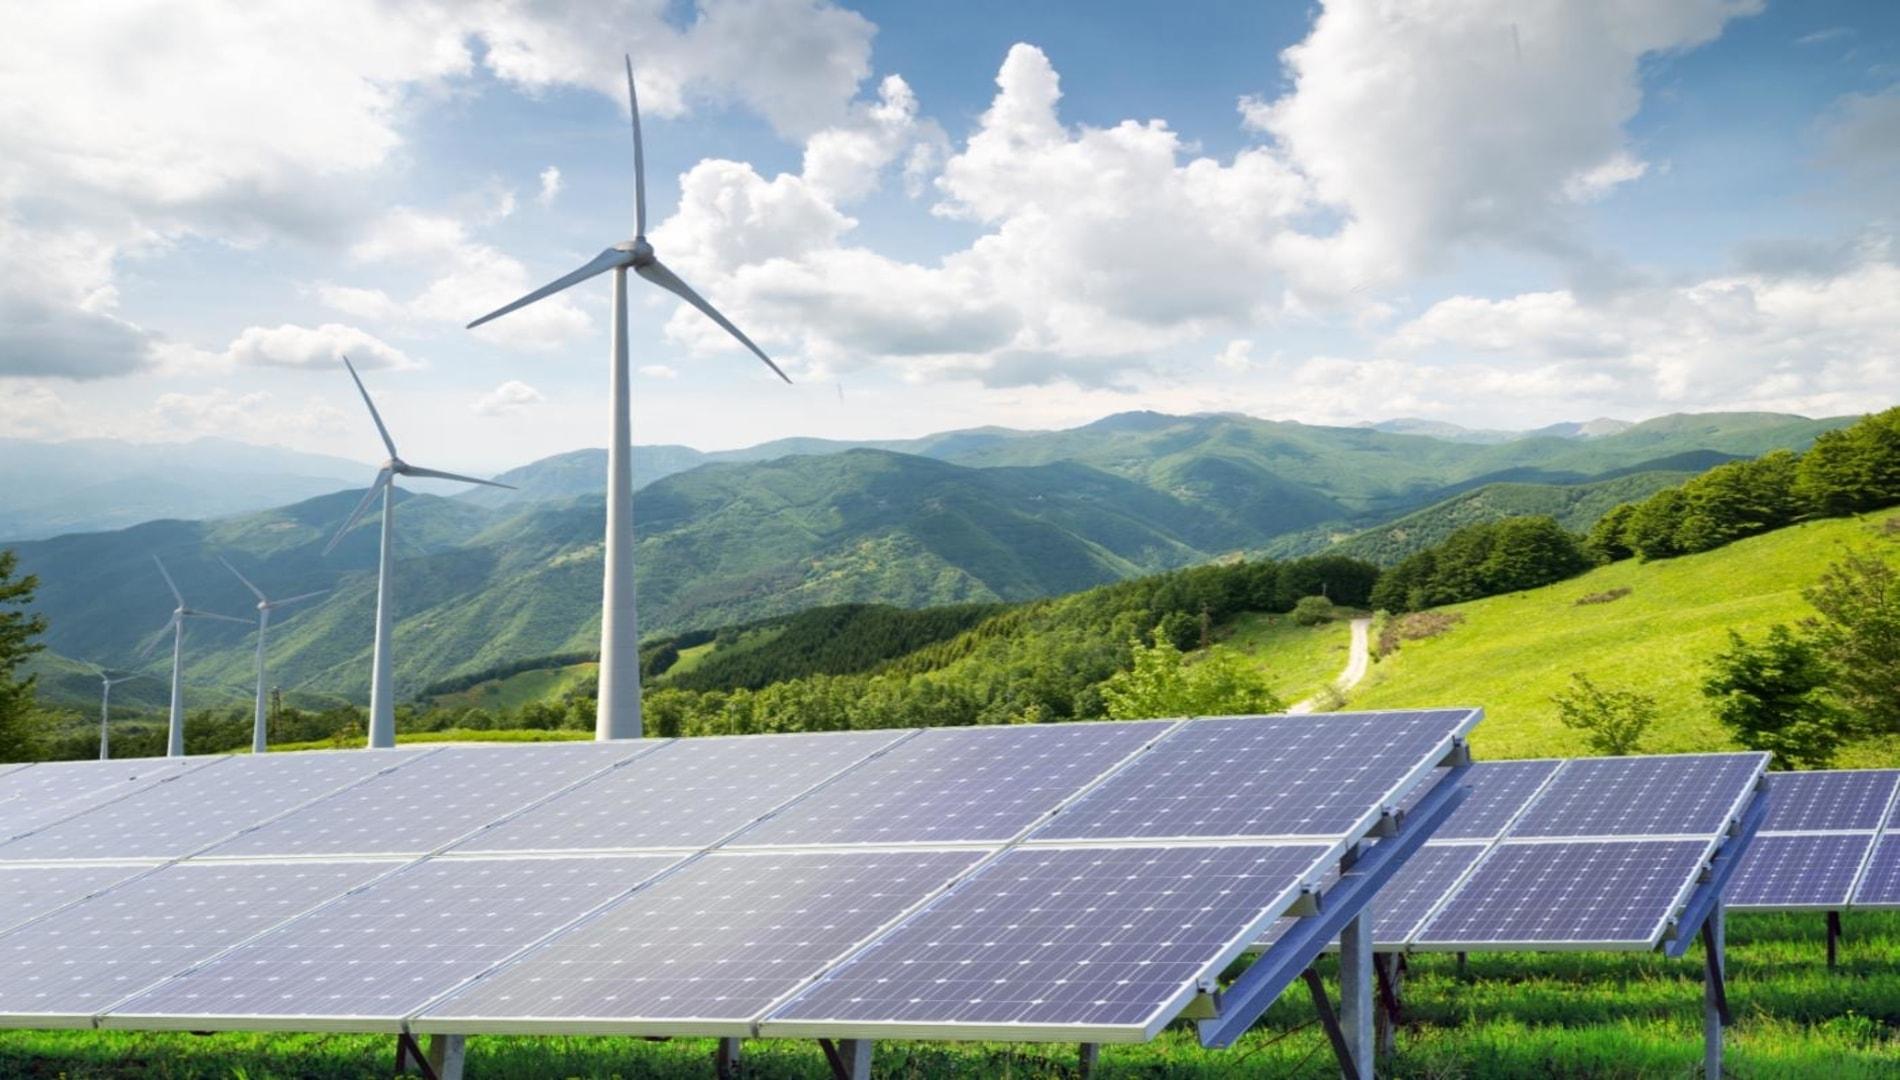 Bureau Veritas - đơn vị đi đầu trong lĩnh vực đảm bảo chất lượng, kiểm tra và chứng nhận năng lượng gió và năng lượng mặt trời